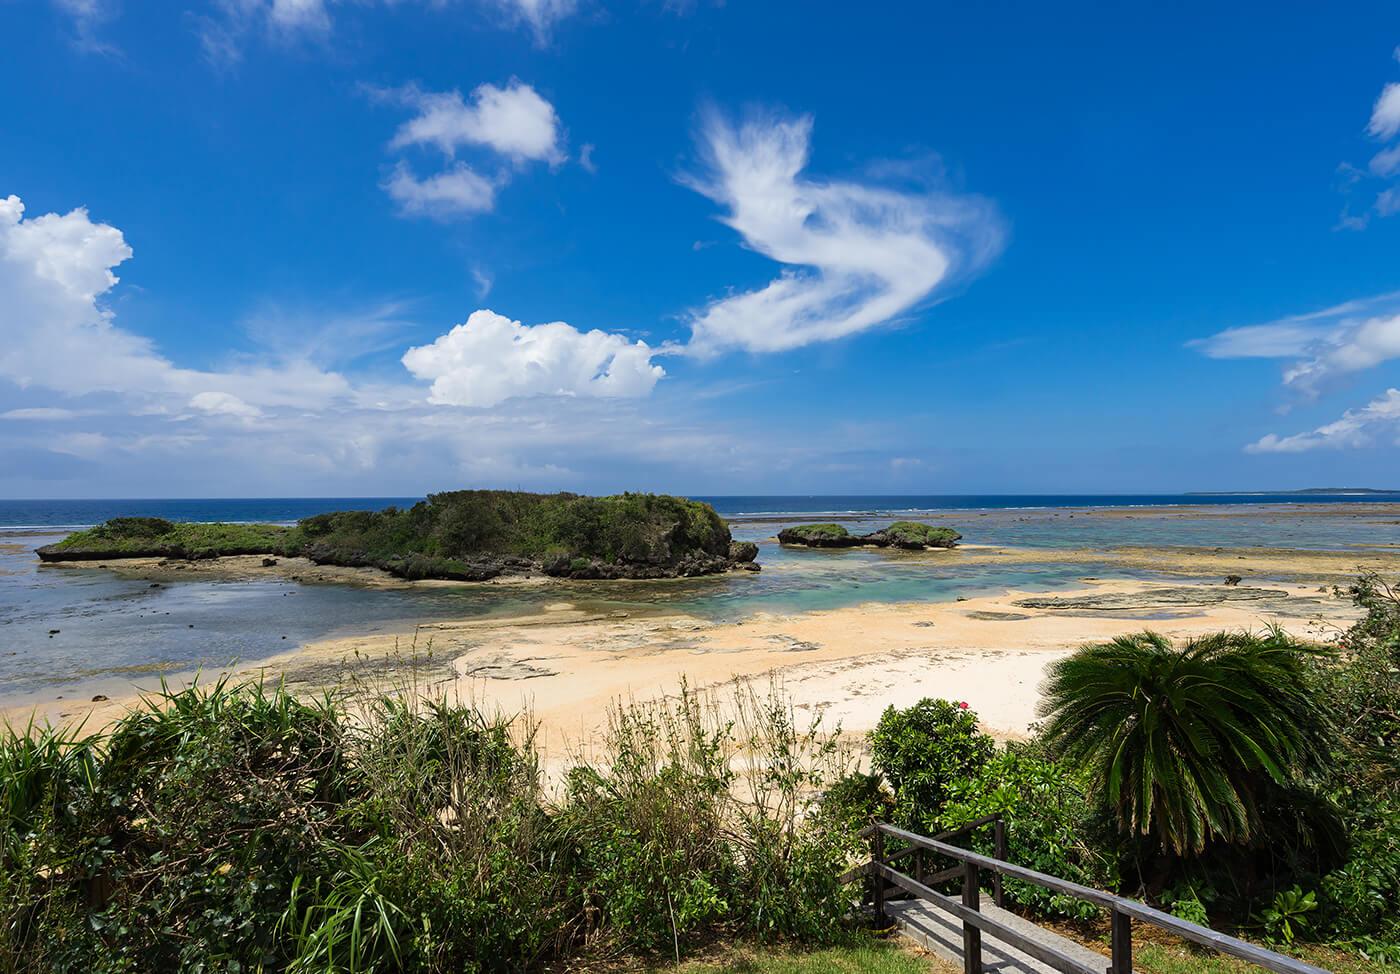 Hoshizuna-no-Hama-Beach-Okinawa